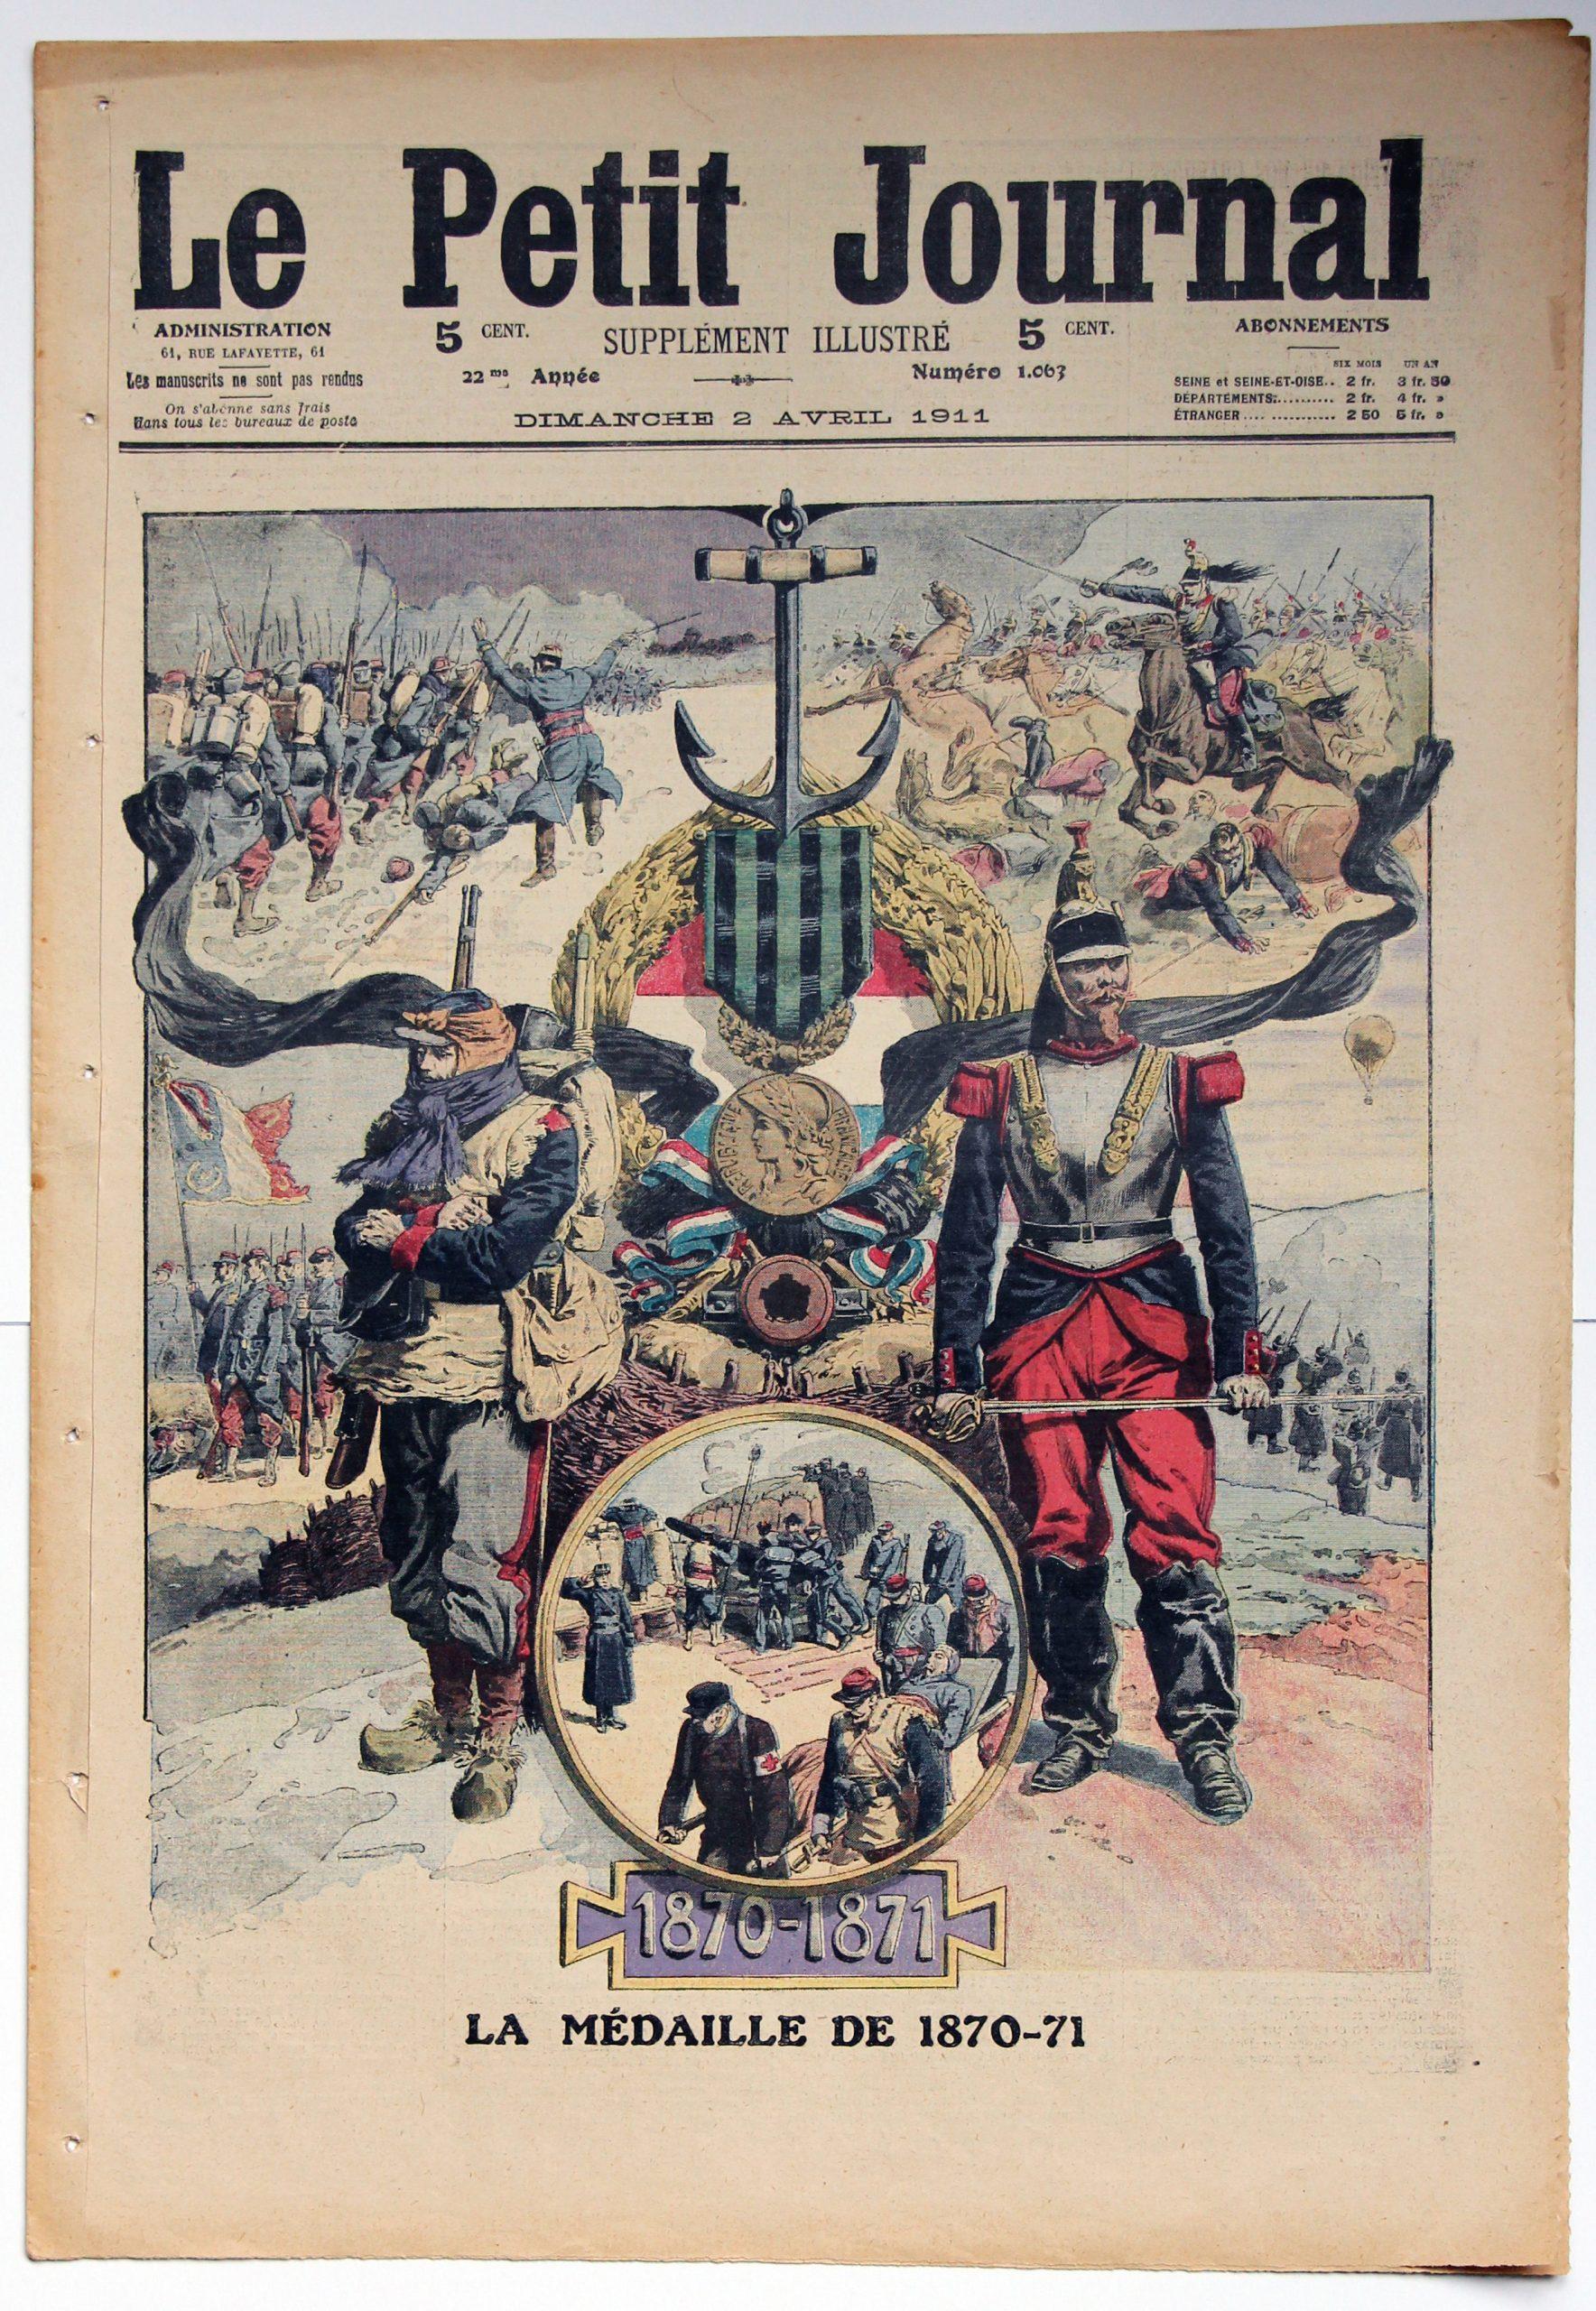 Le petit journal - supplément illustré - 2 avril 1911 - Guerre 1870 - La médaille de 1870-71